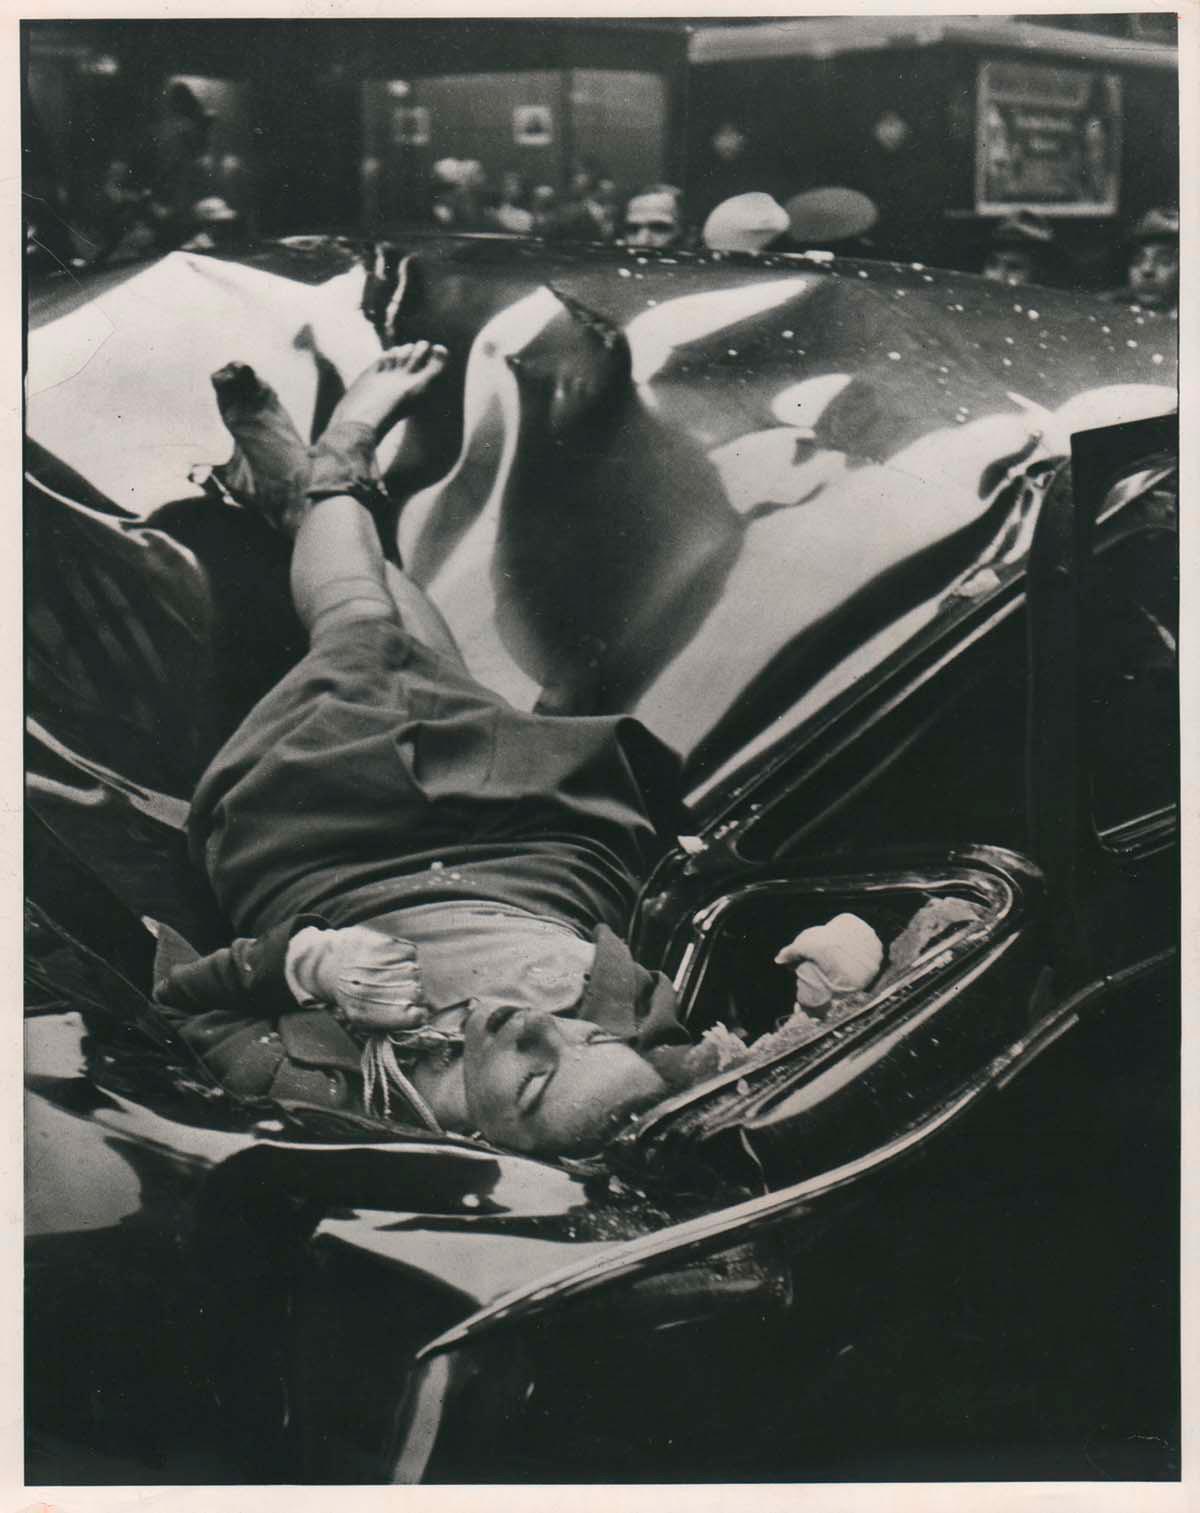 Роберт Уайлс фотография самоубийцы 1947 г.